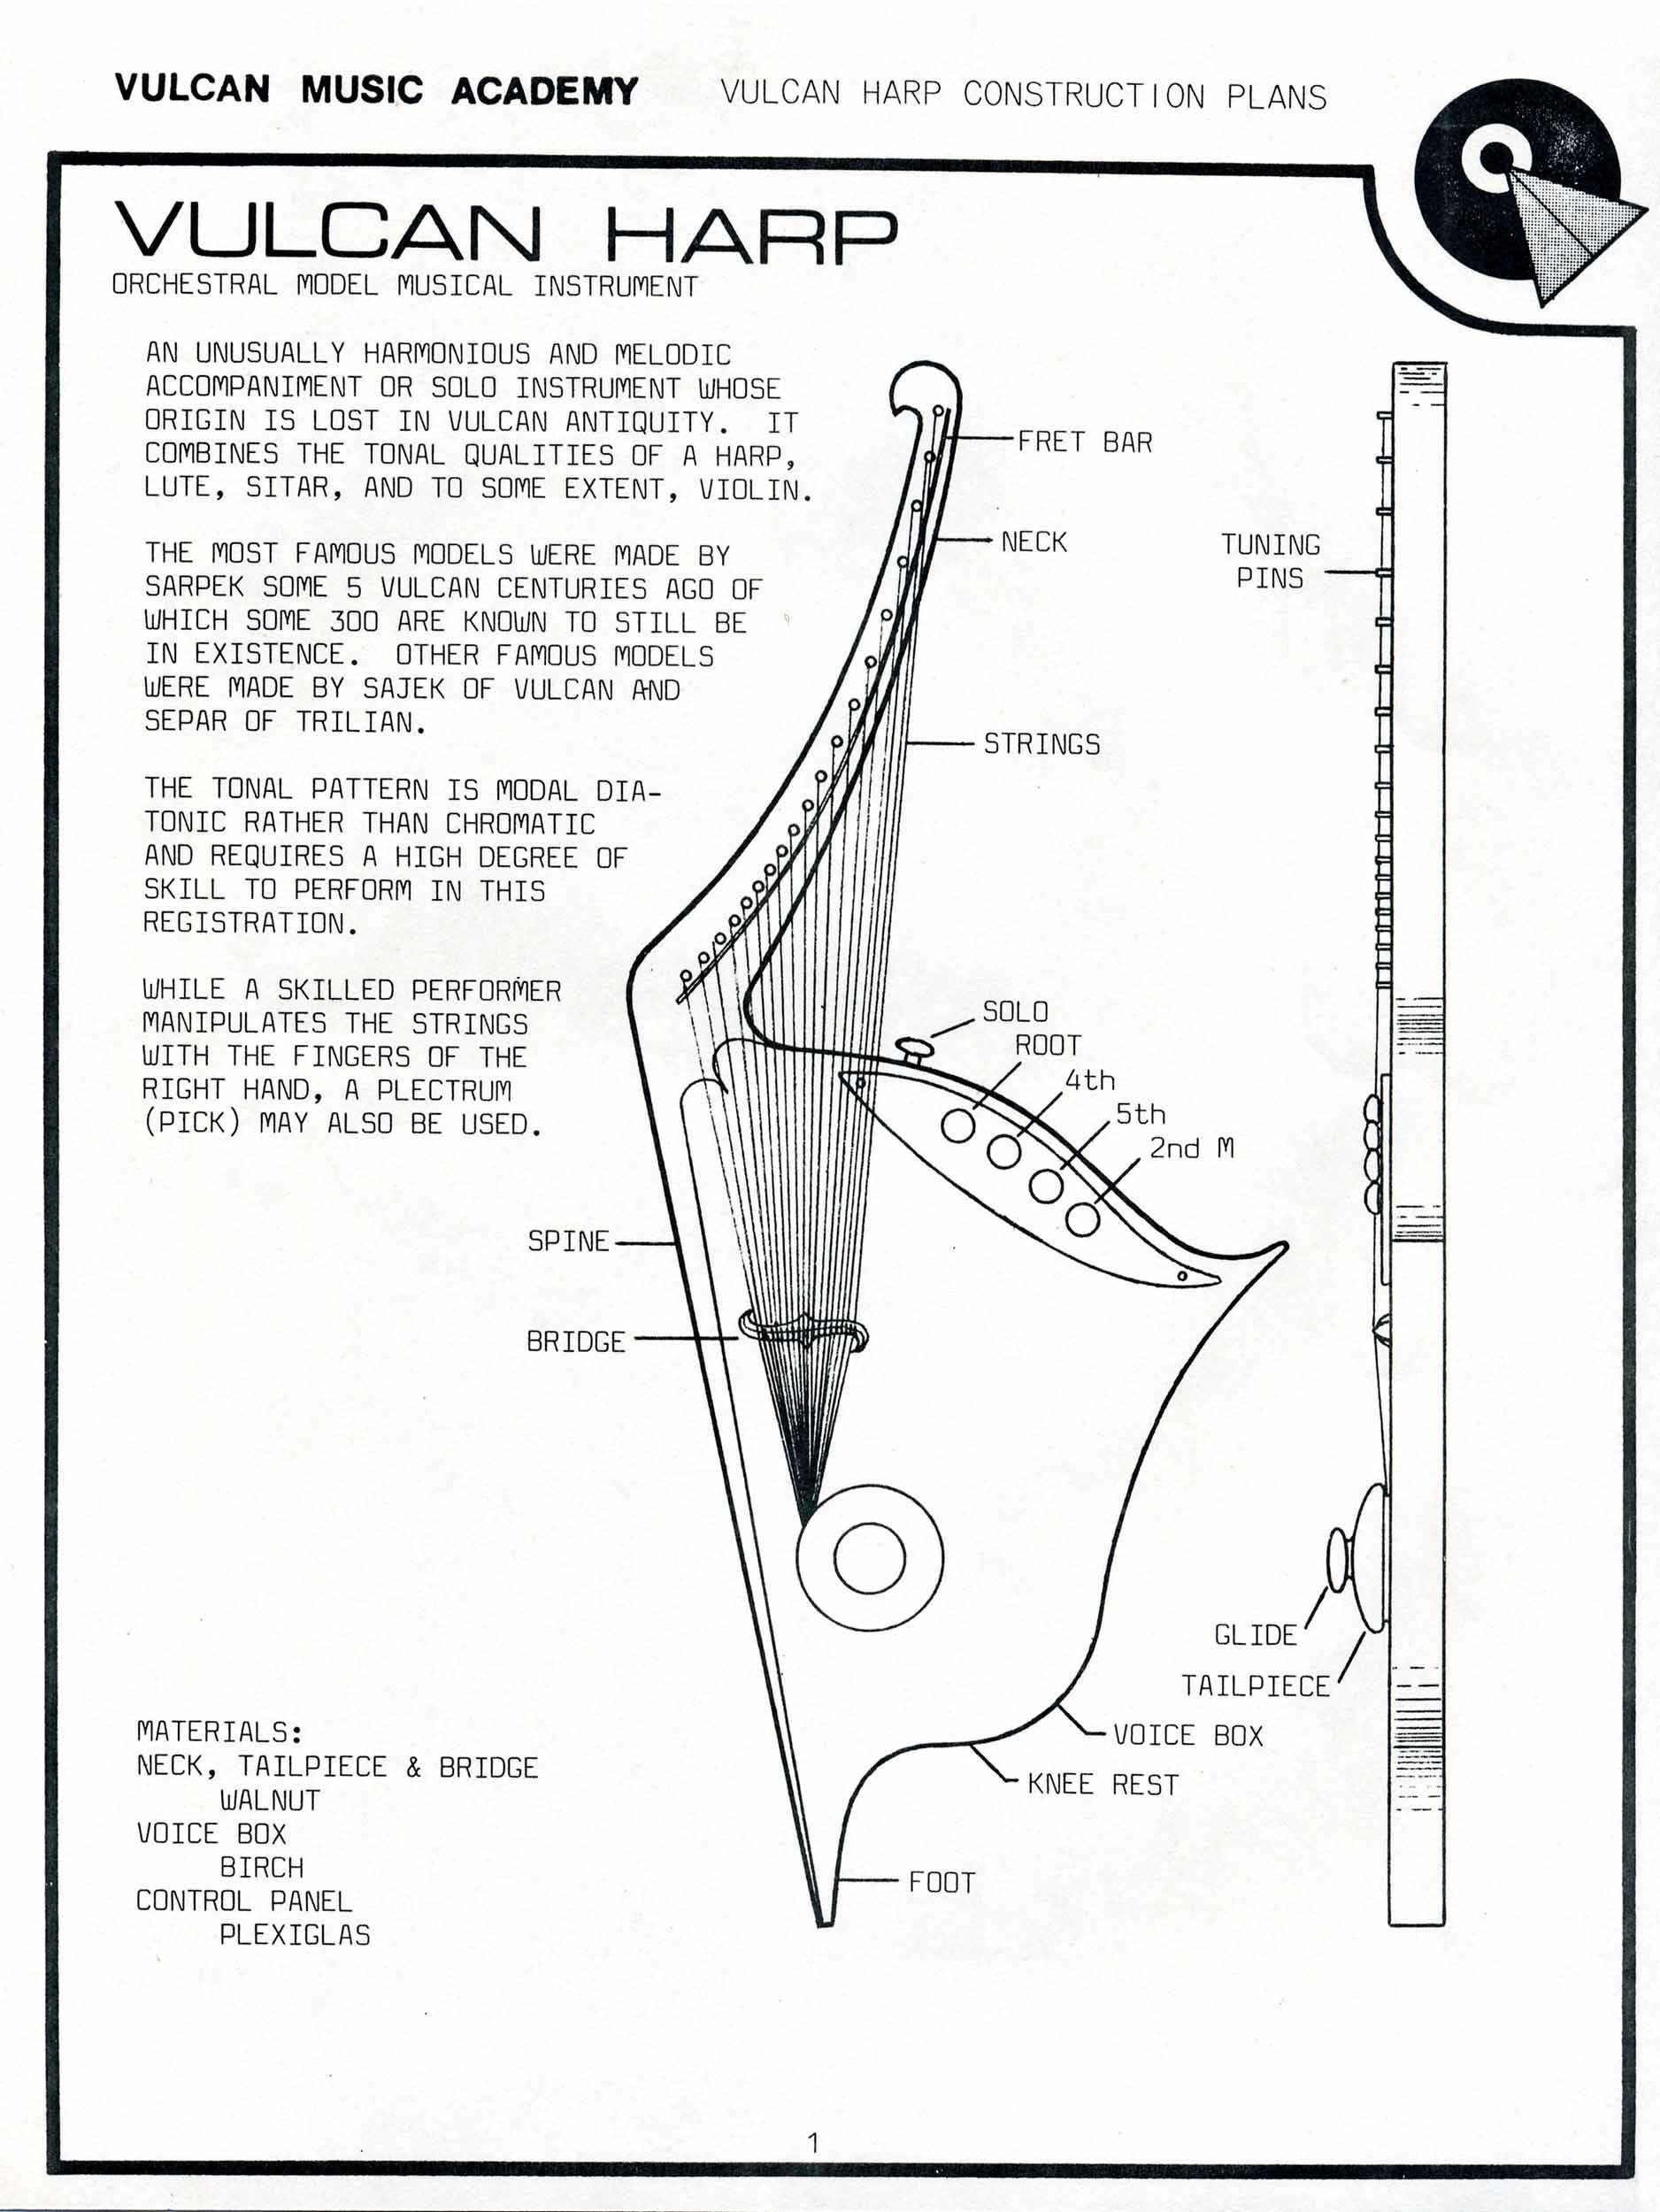 vulcan harp construction plans sheet 1 star trek blueprints vulcan harp construction plans Light Dimmer Switch at gsmx.co